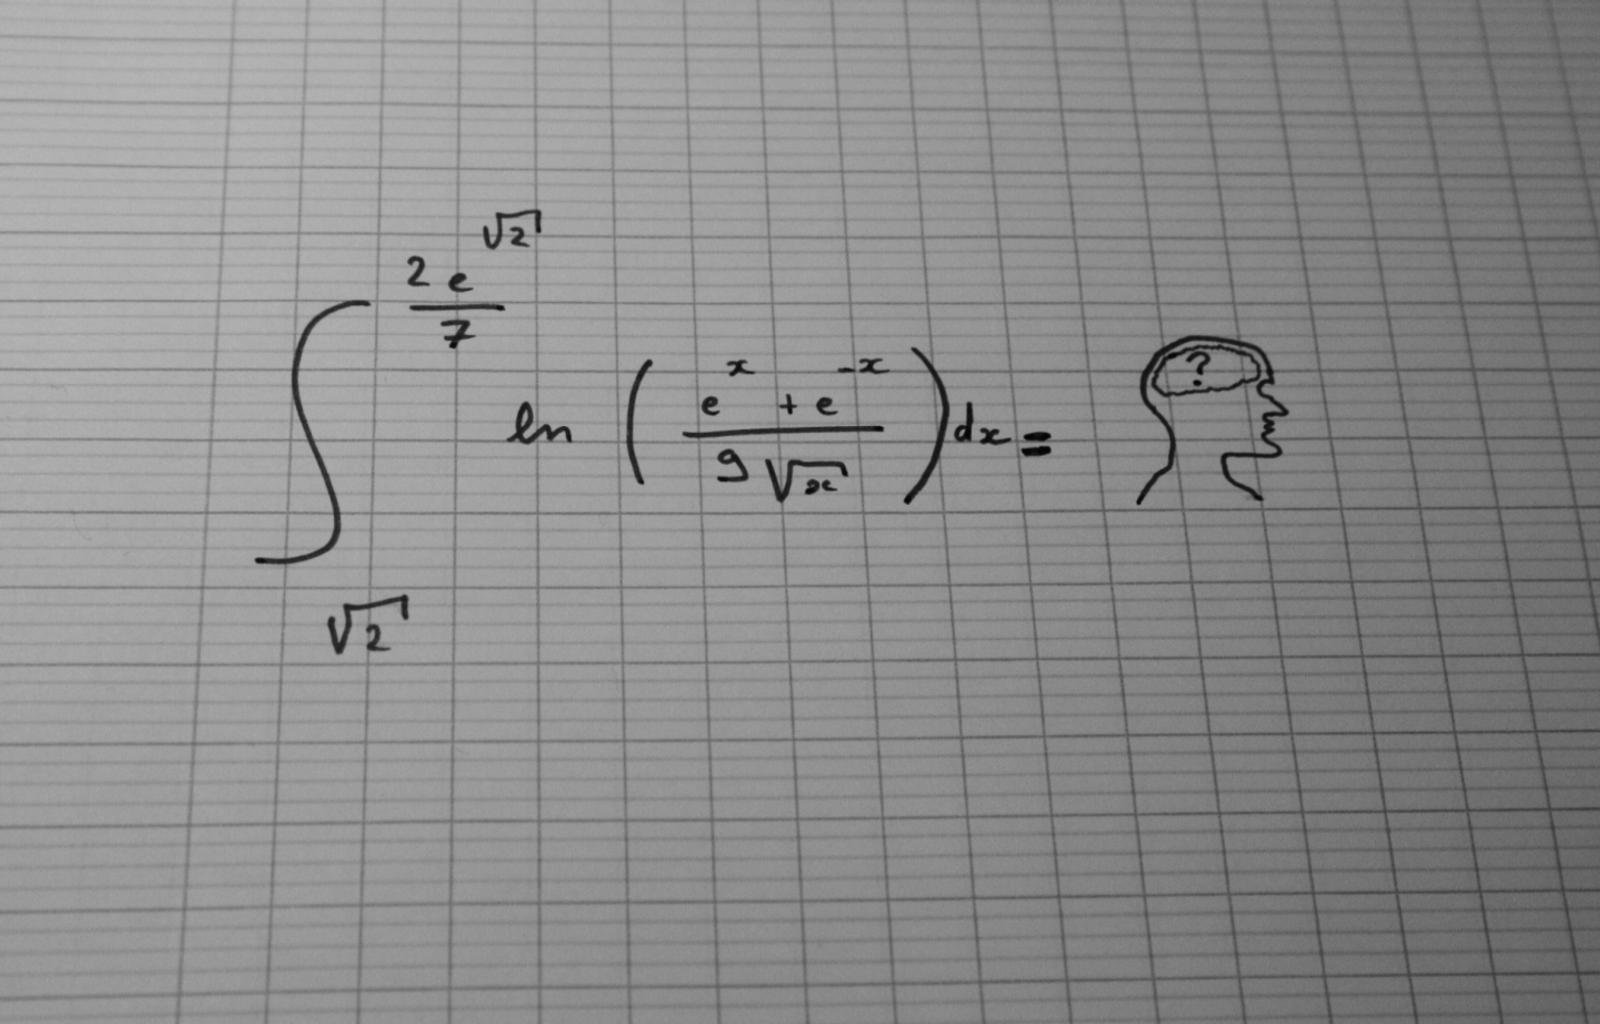 Good Wallpaper High Resolution Mathematics - math-wallpaper-hd-1600x1024-300370  Photograph_402248.jpg